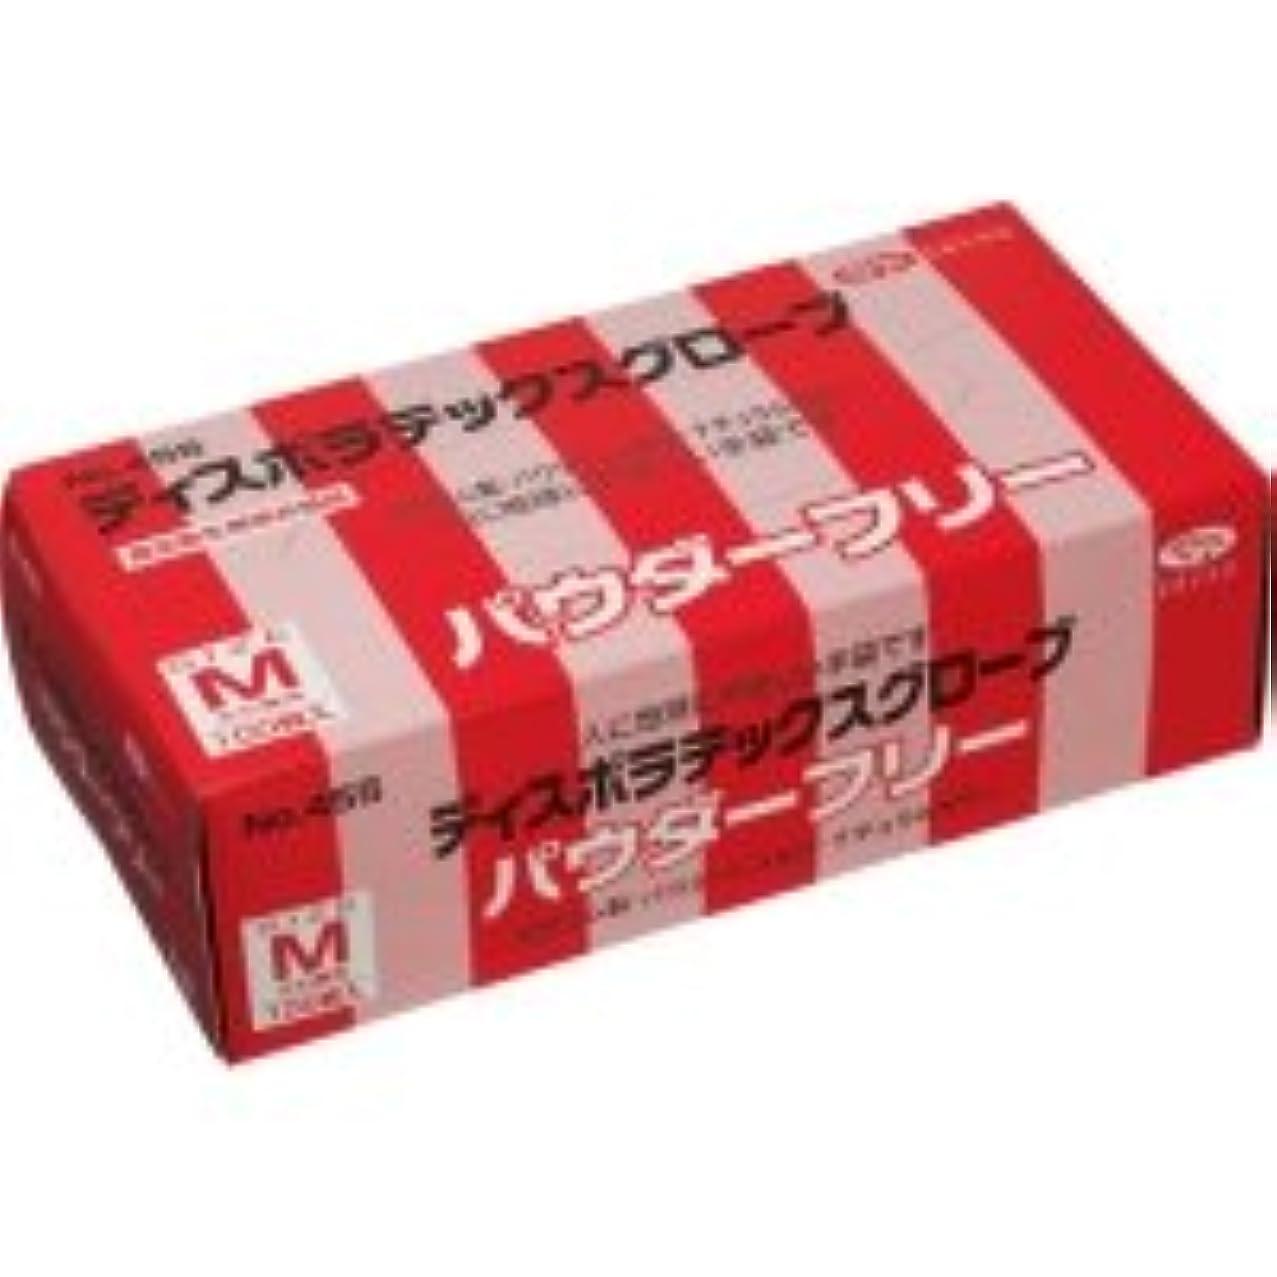 画像株式前提条件エブノ ディスポラテックスグローブ No.455 パウダーフリー M 1箱(100枚)